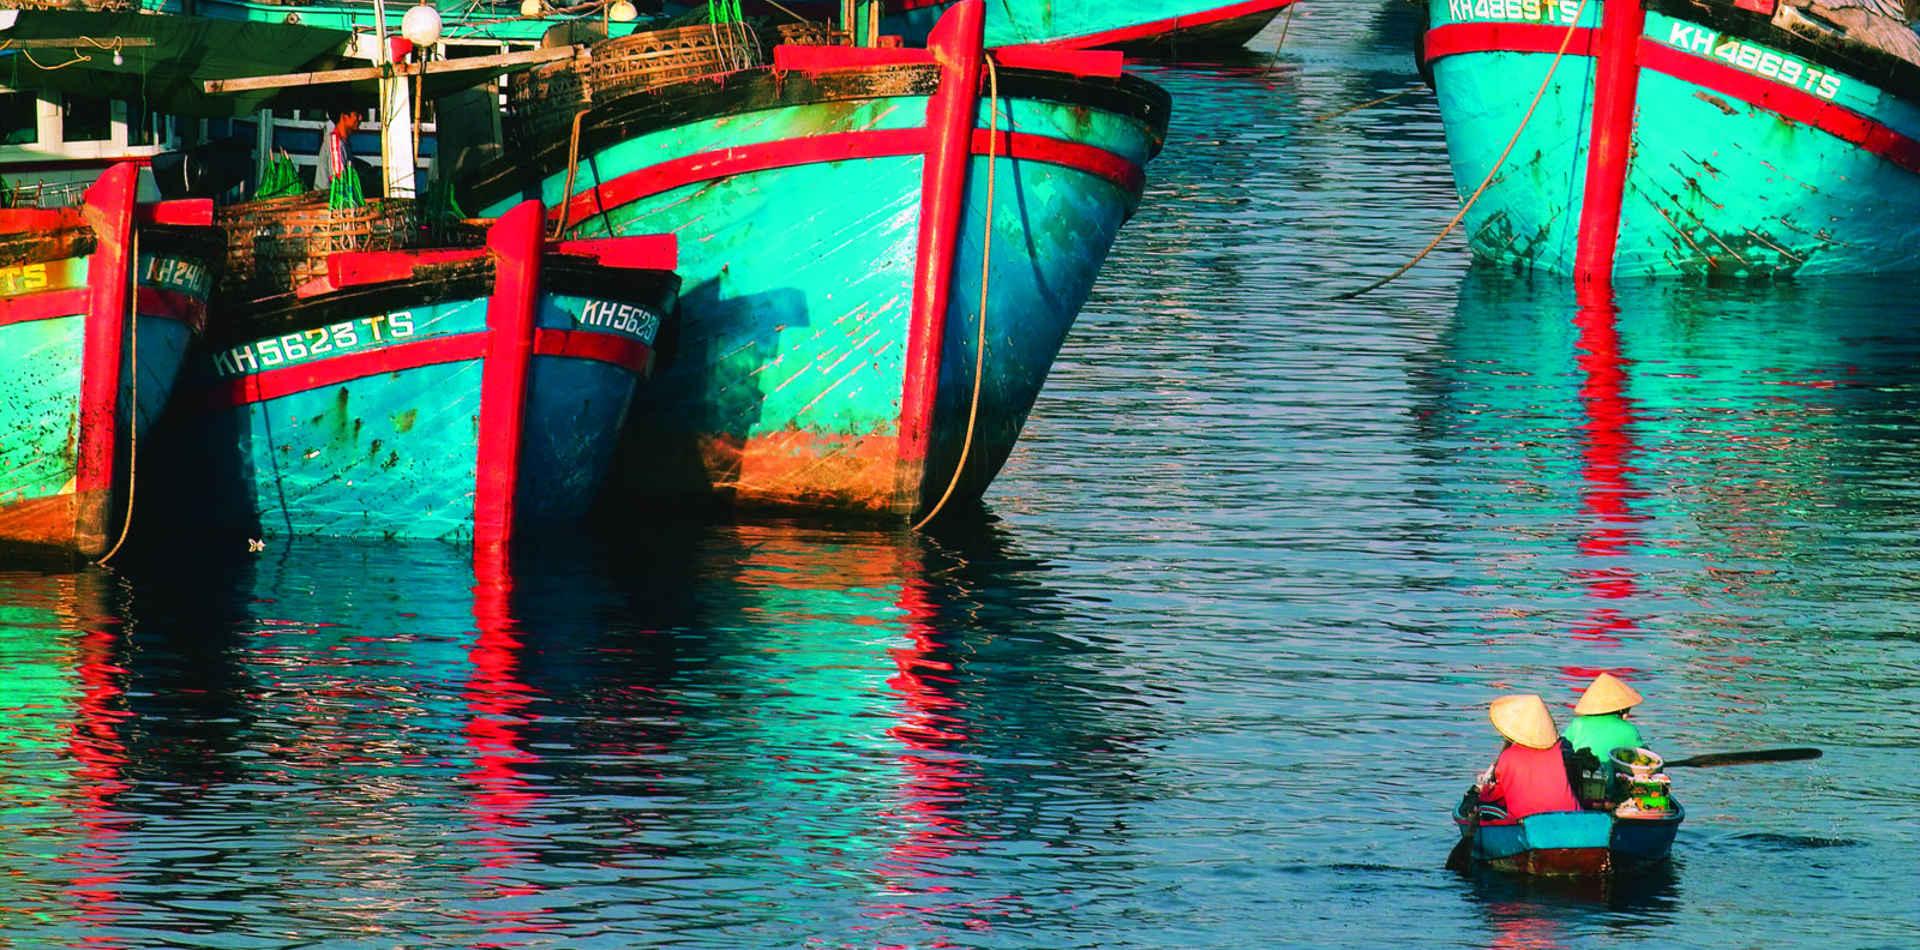 Erlebnisreise Vietnam, Luxusreise Vietnam